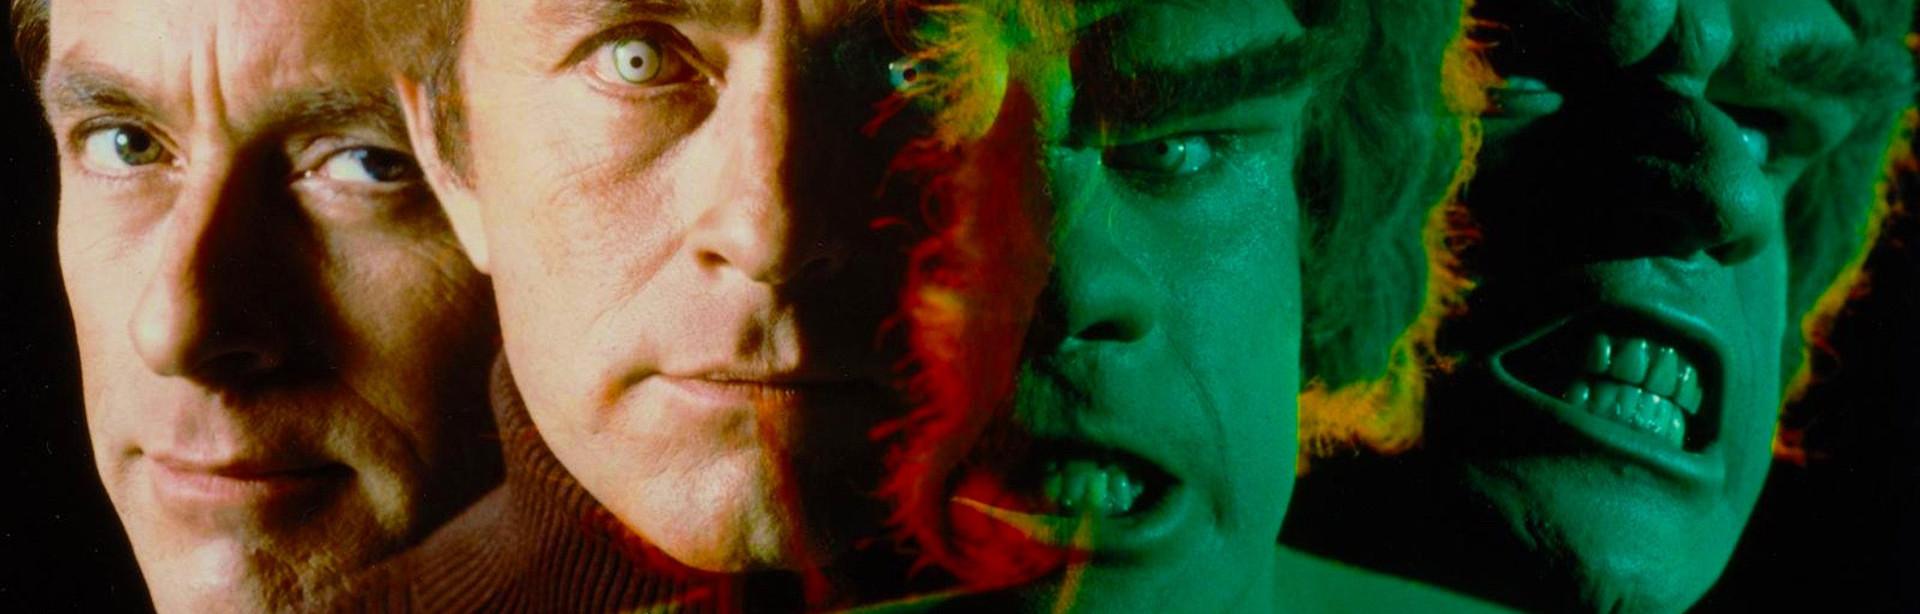 L'incredible hulk